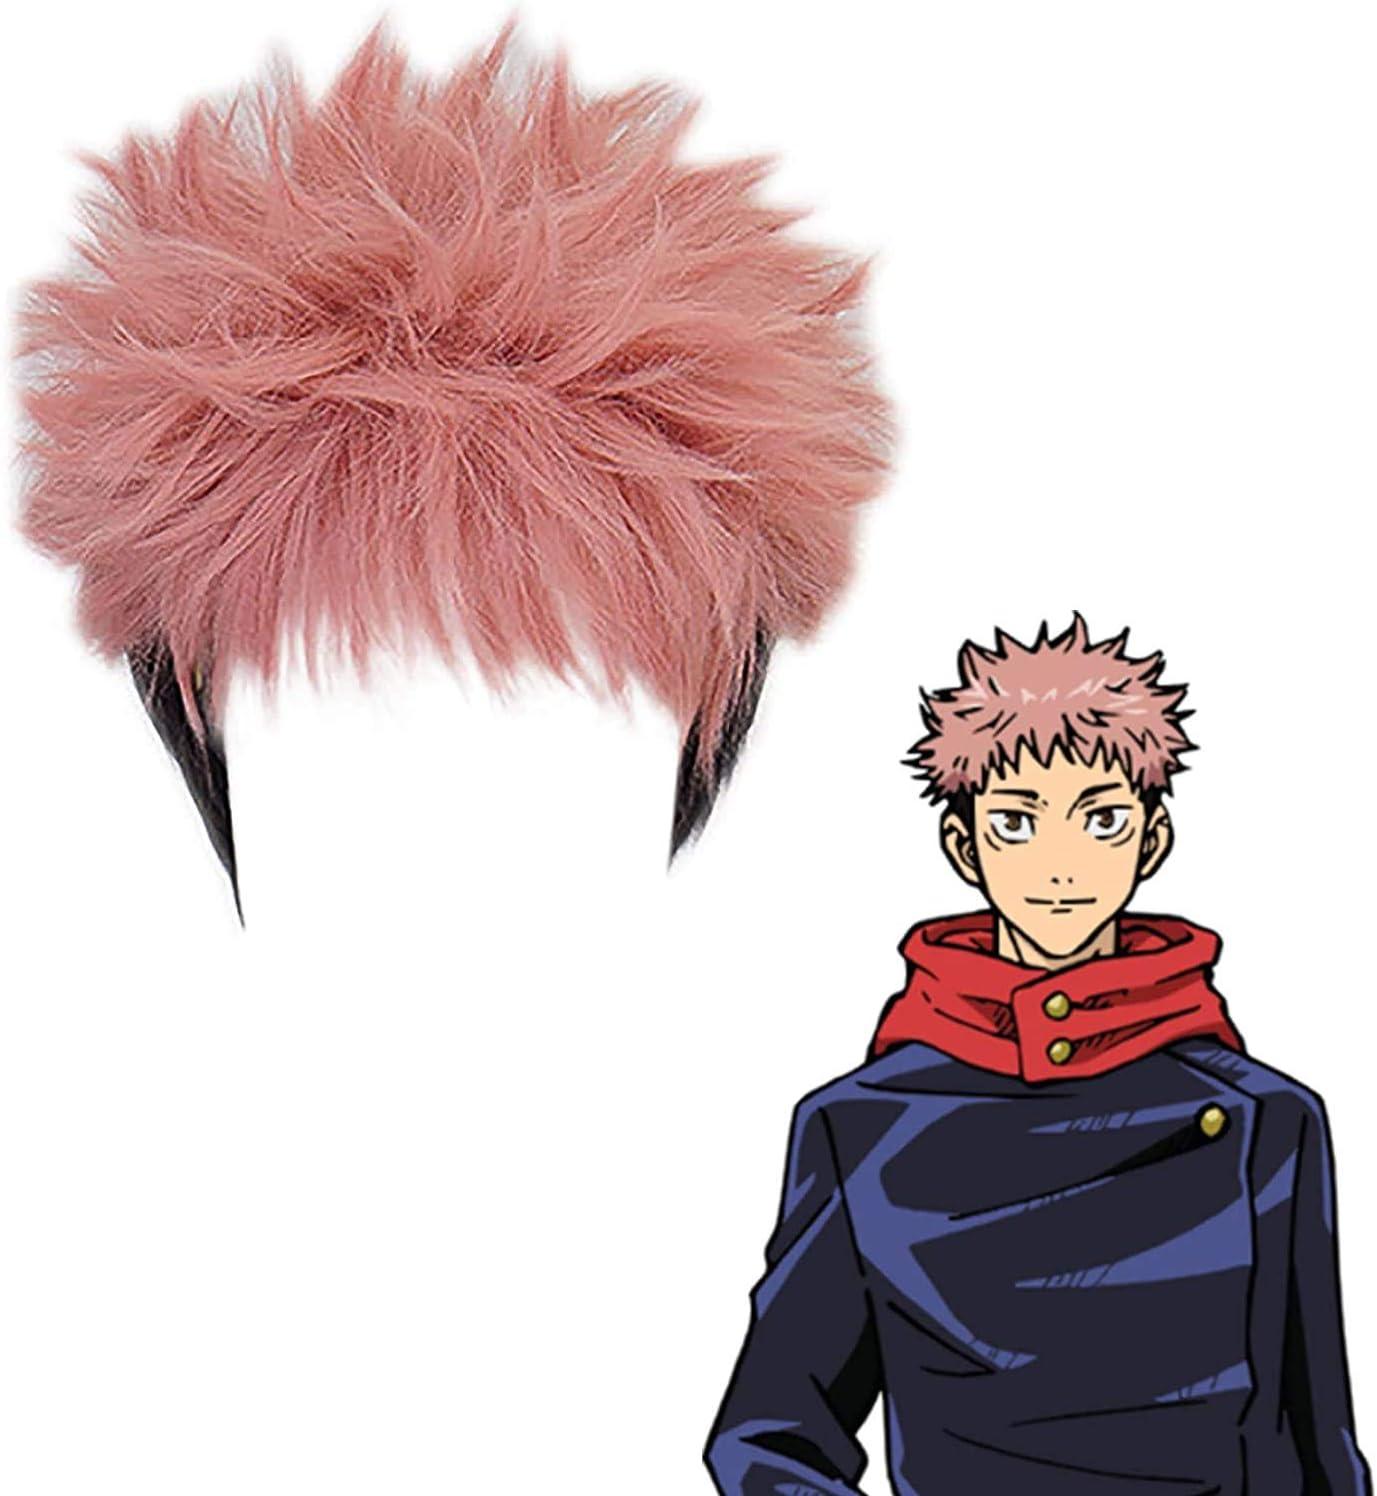 Anime Jujutsu Kaisen Giappone Anime Personaggio Nobara Kugisaki Cosplay Parrucche Accessorio Carino Parrucche per Ragazze Regalo per gli appassionati di Anime